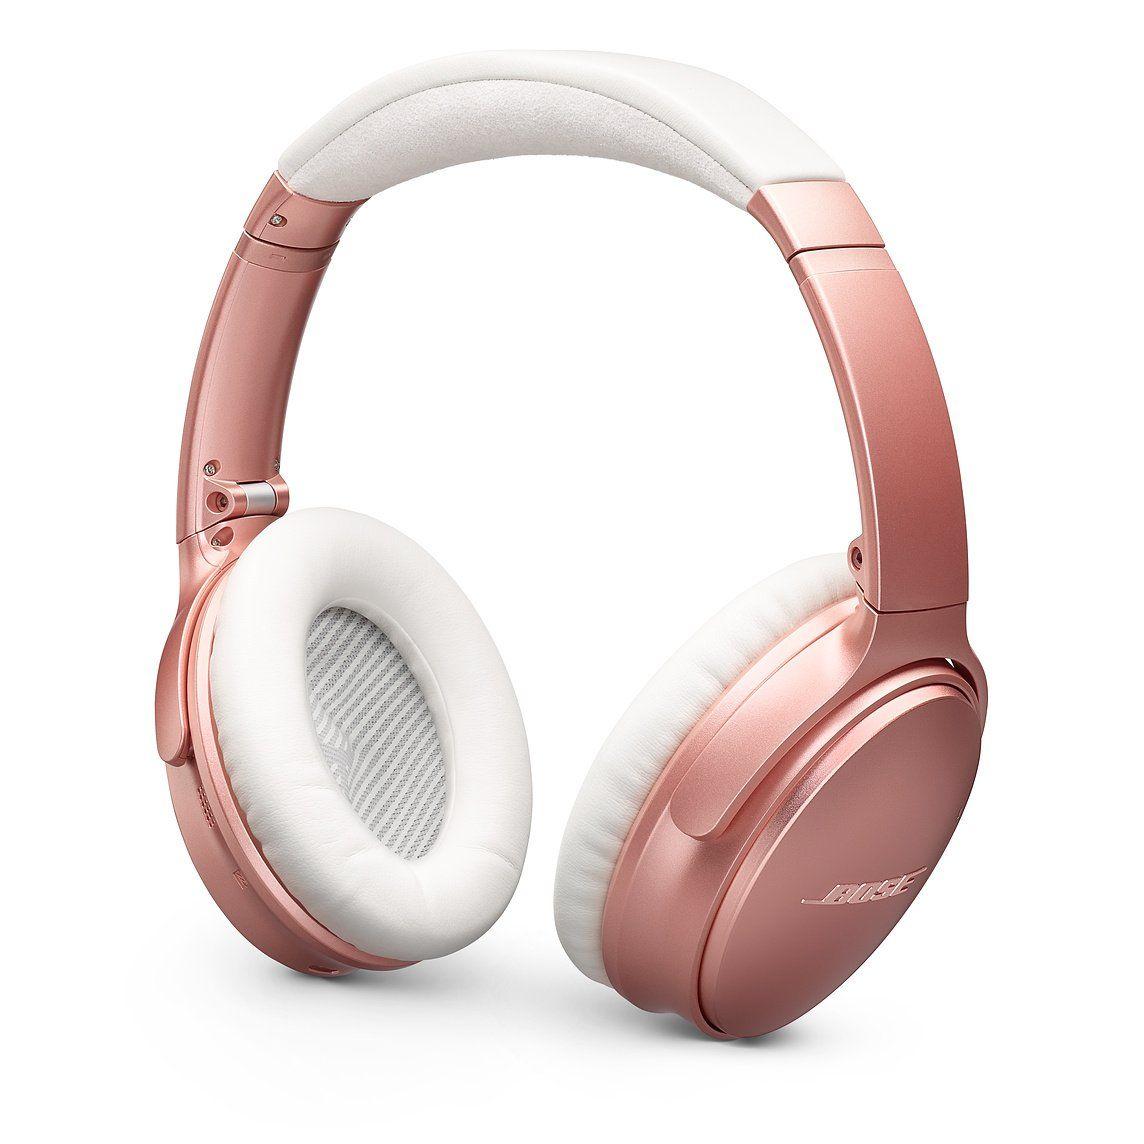 Bose Quietcomfort 35 Wireless Headphones Ii Rose Gold Wireless Headphones Headphones Noise Cancelling